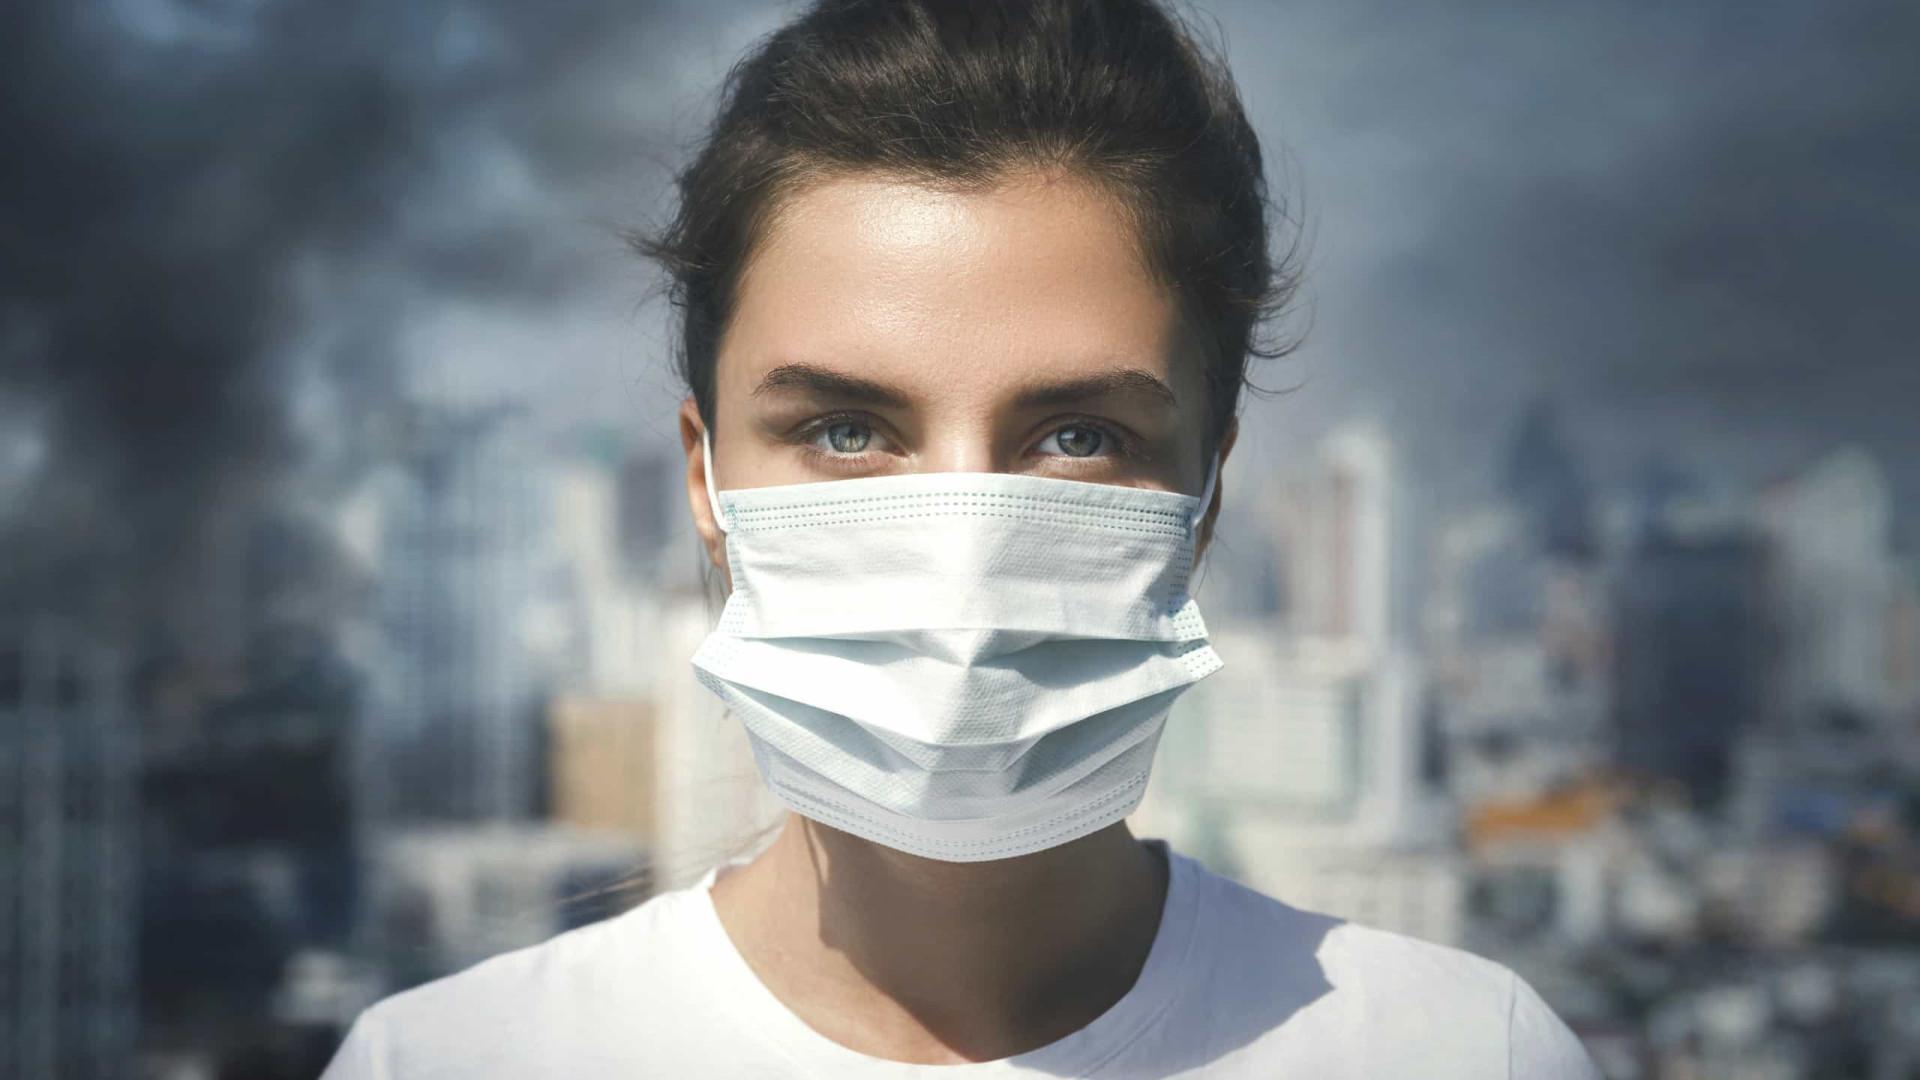 Poluição do ar pode deixá-lo menos inteligente, alerta estudo